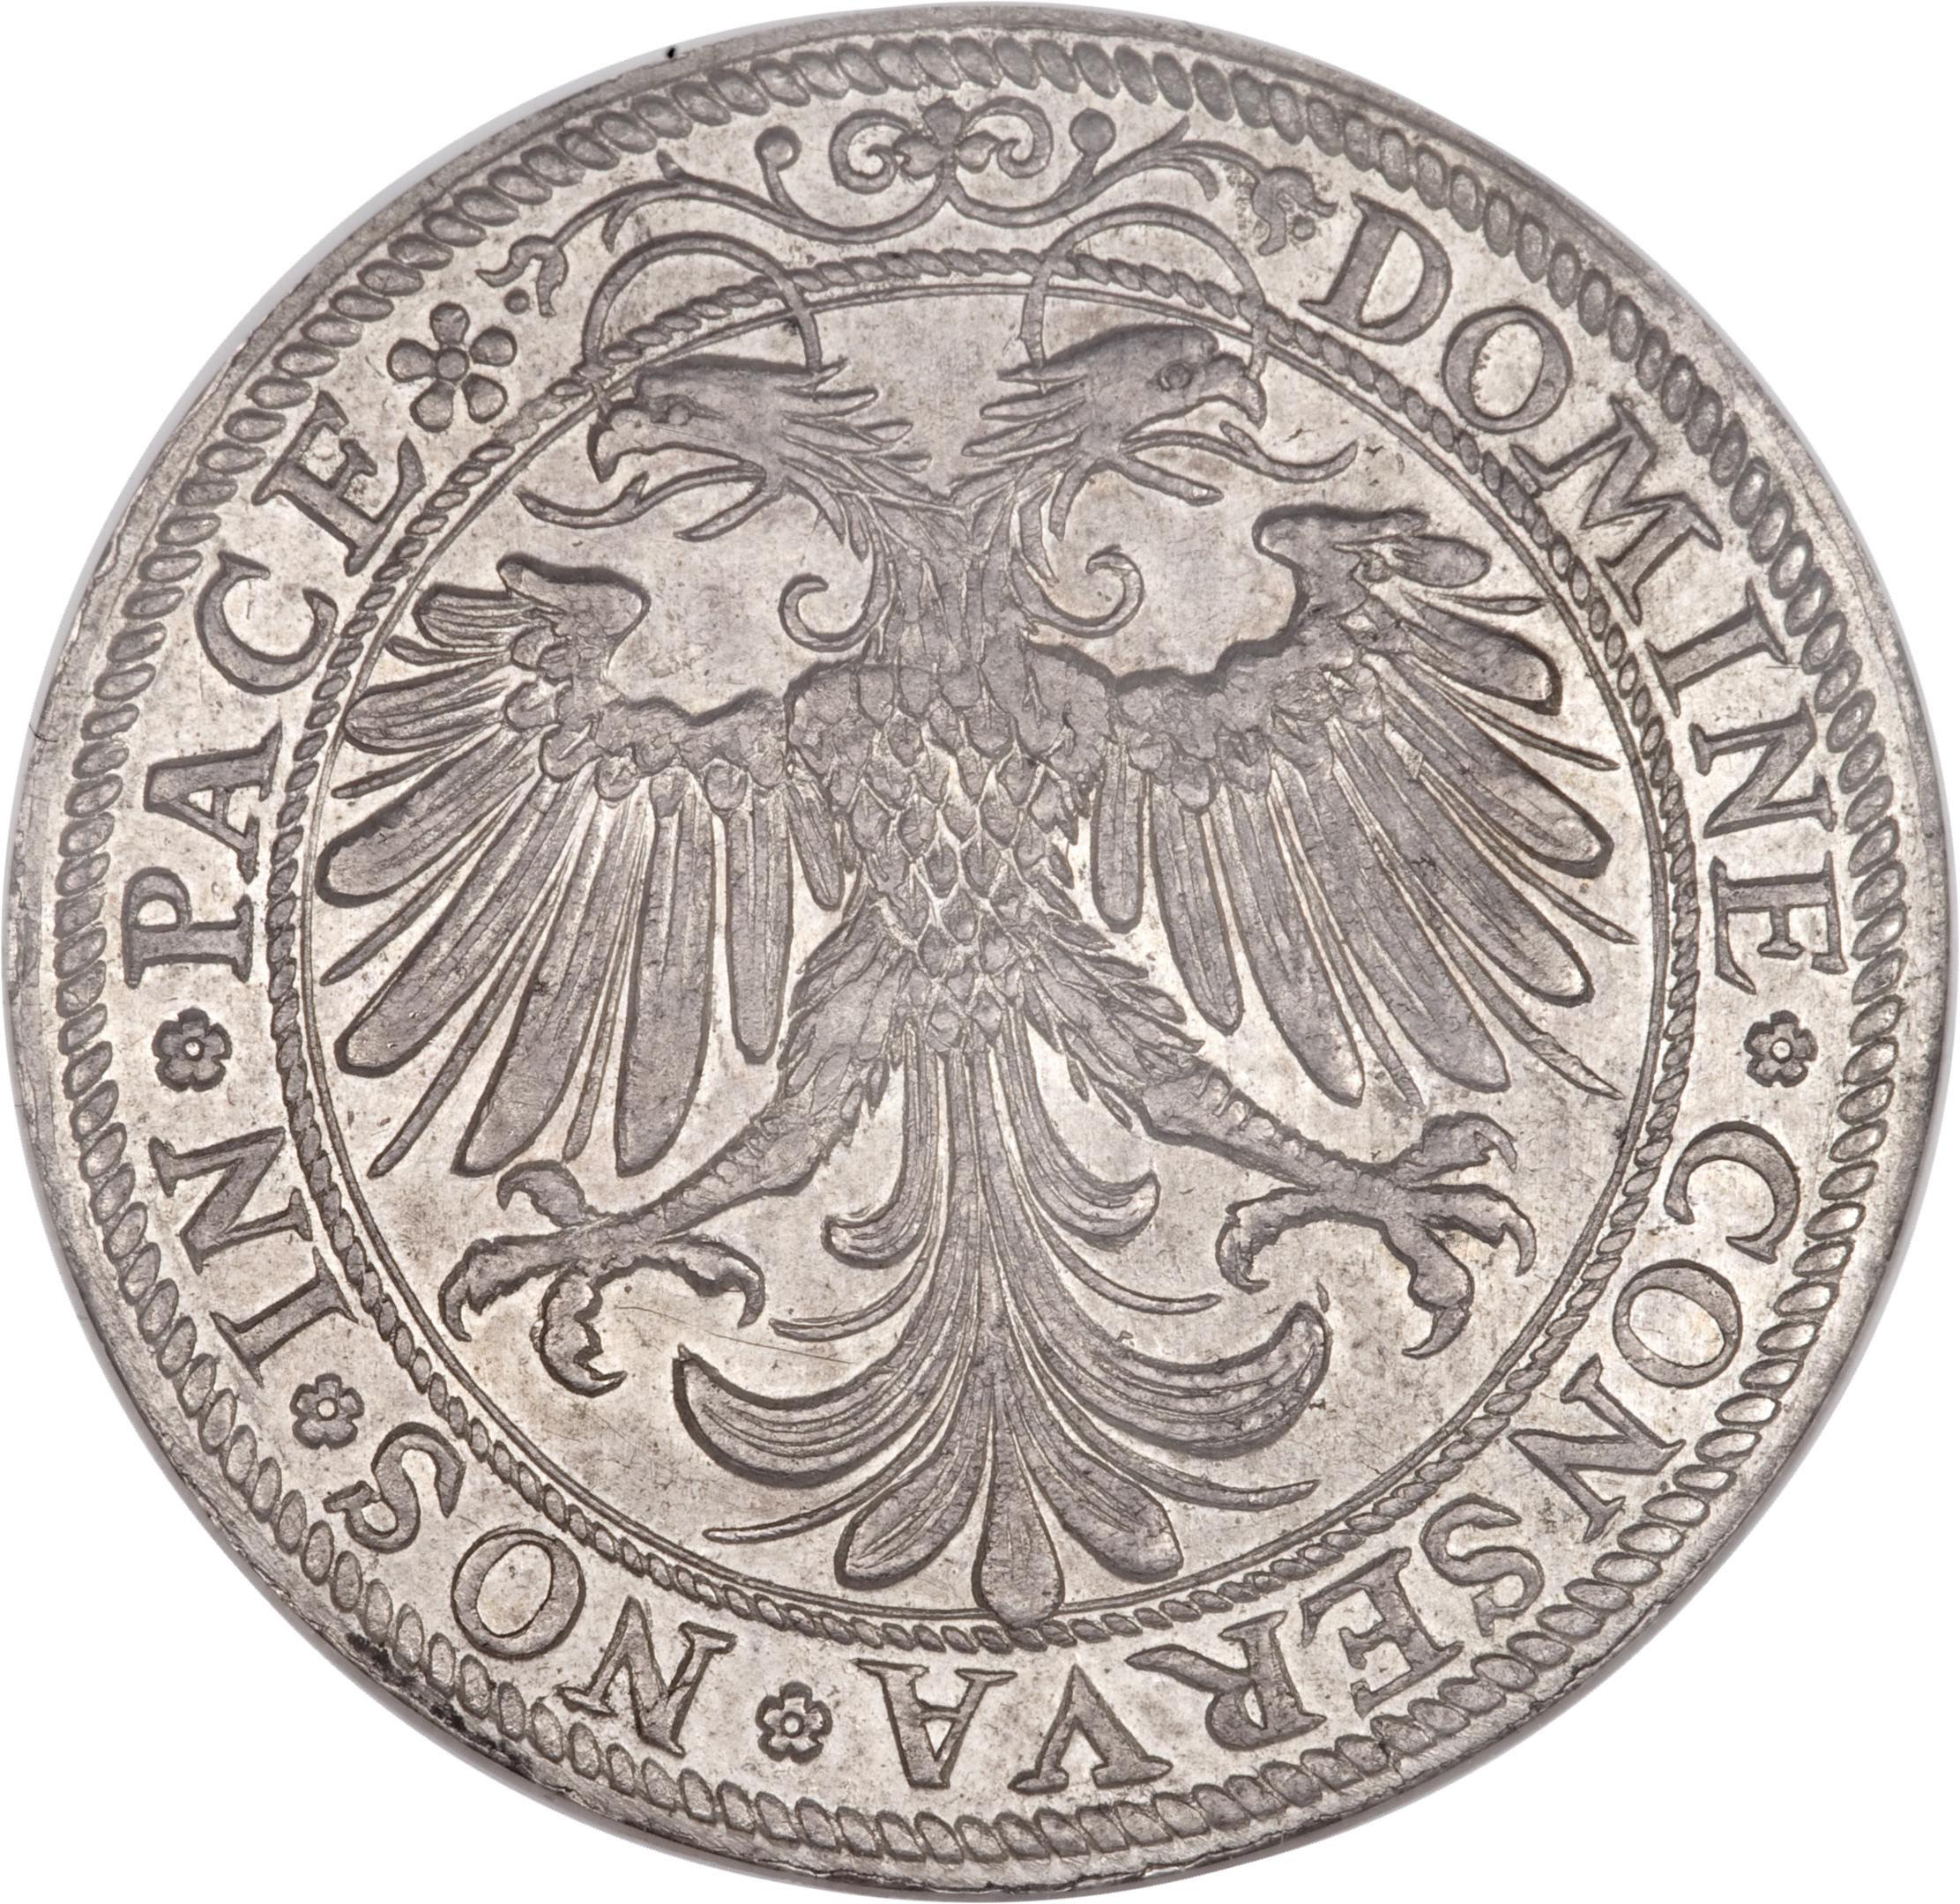 1 Thaler - Zürich – Numista